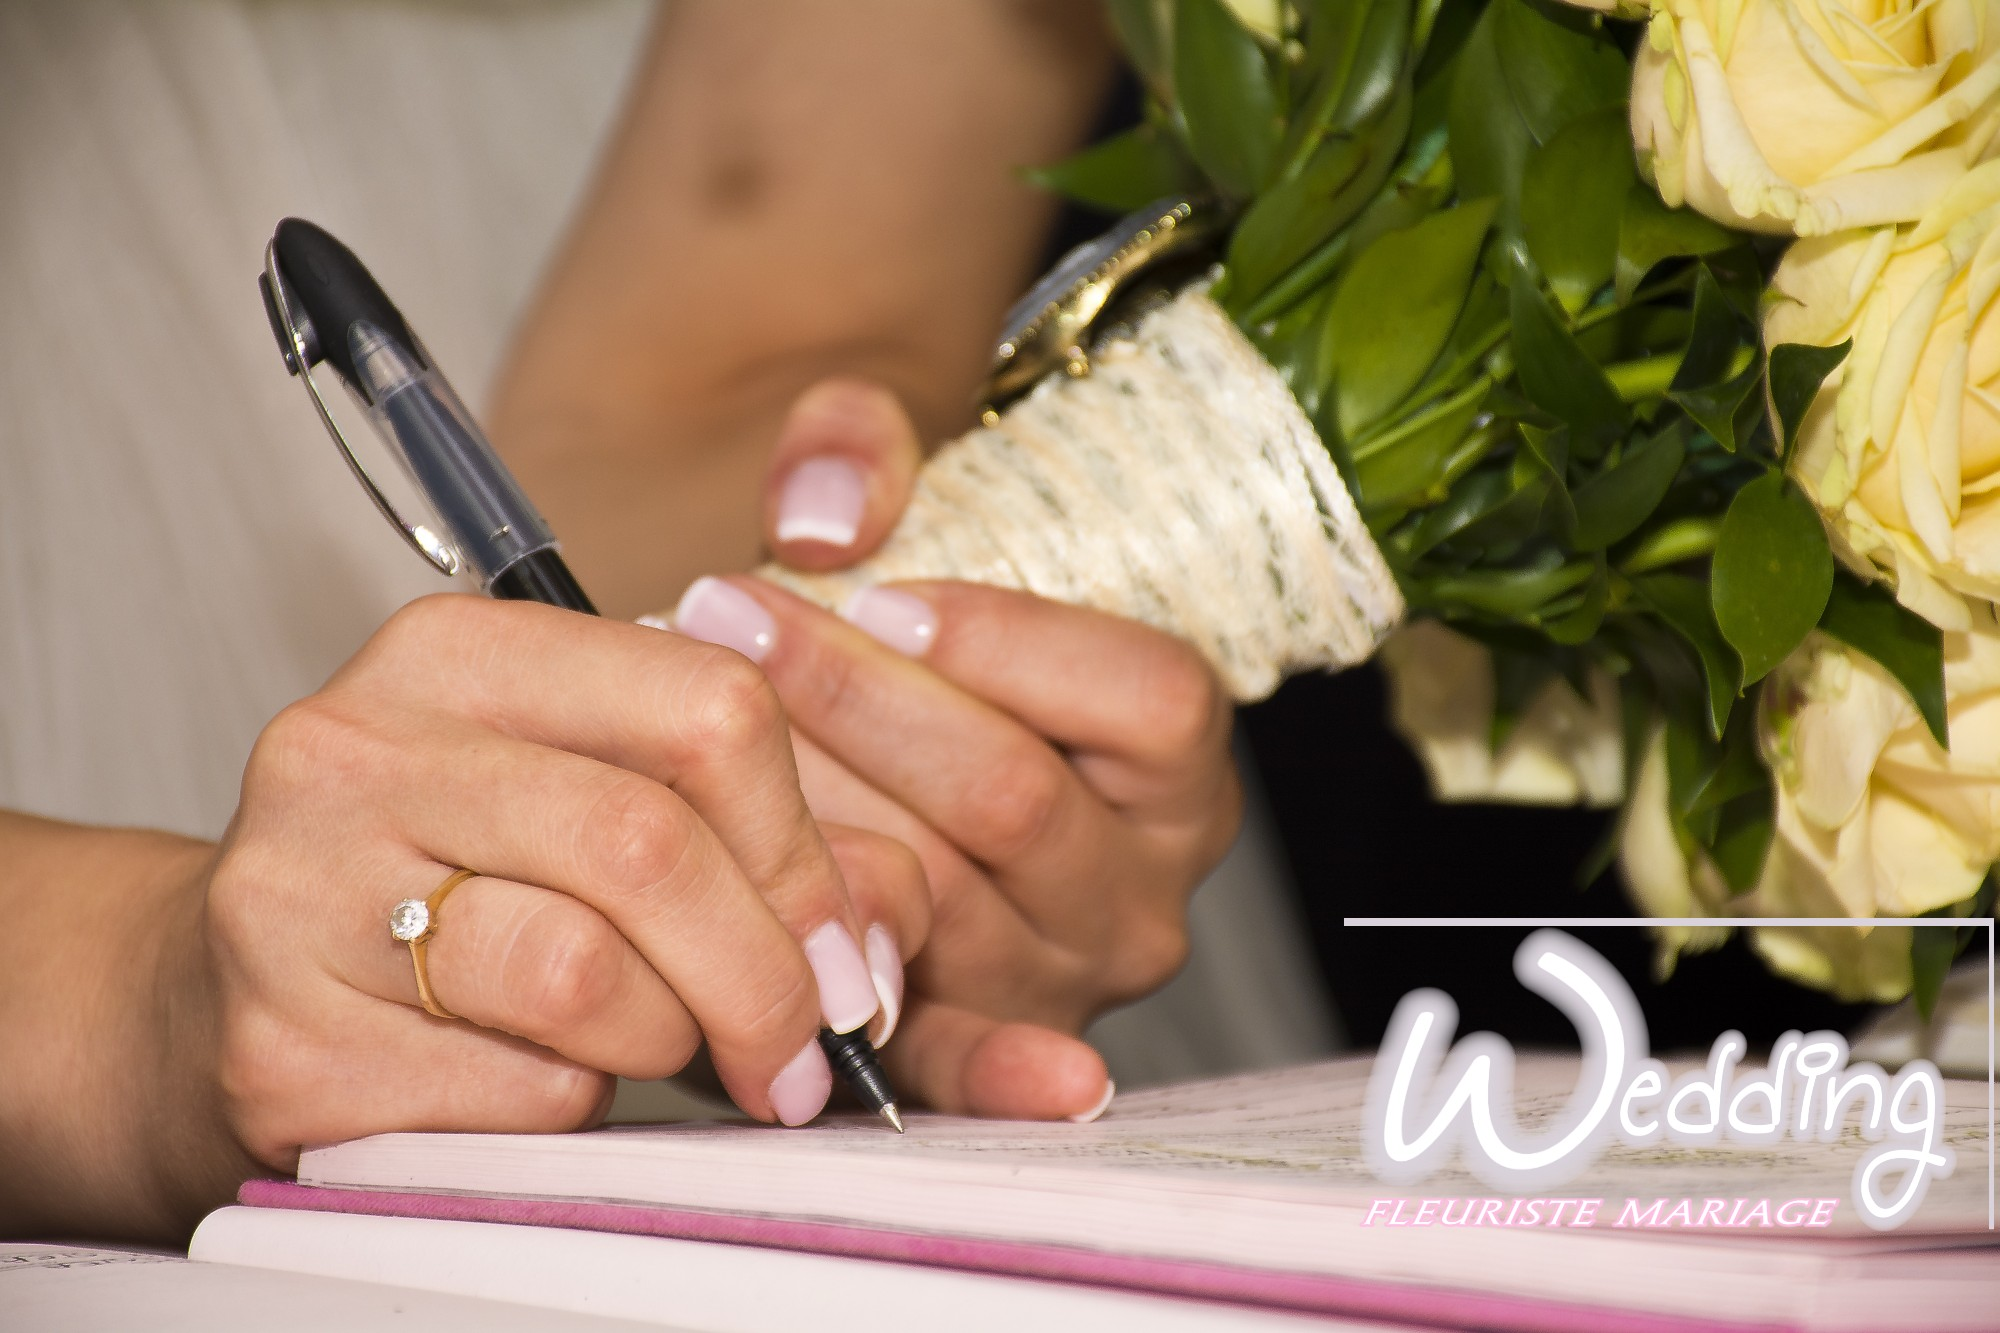 DÉCORATION FLORALE MARIAGE MAIRIE DE ROQUEFORT LES PINS - WEDDING FLEURISTE MARIAGE ROQUEFORT LES PINS